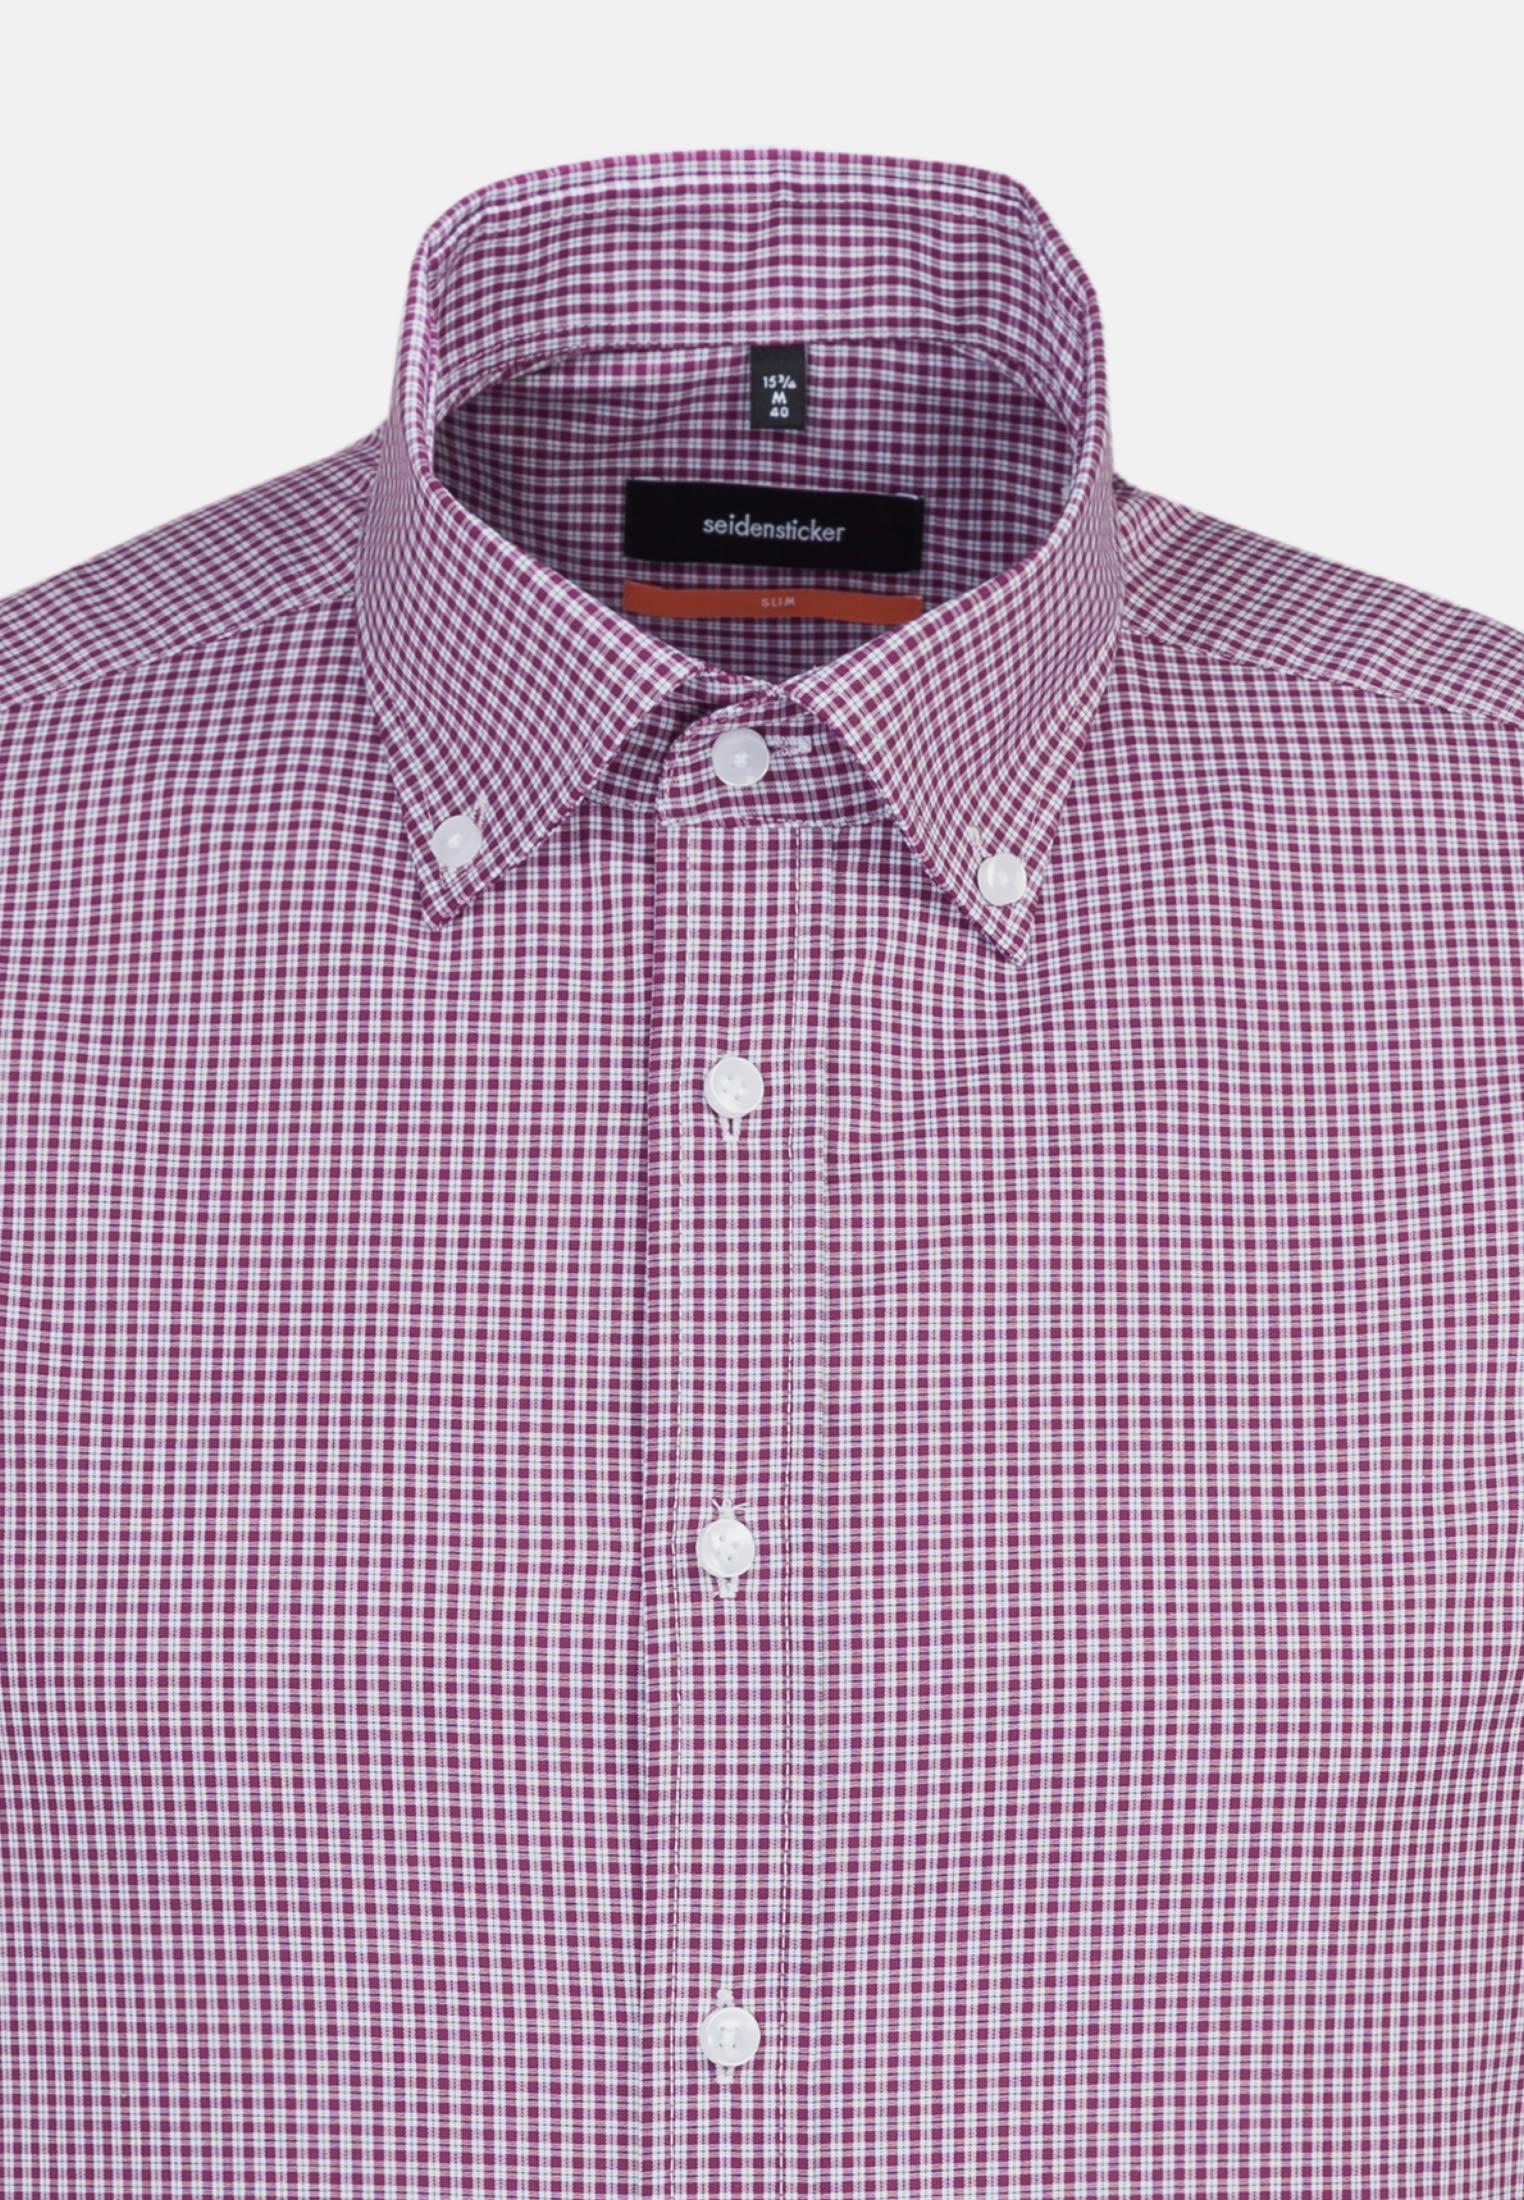 Bügelfreies Popeline Kurzarm Business Hemd in Slim mit Button-Down-Kragen in Lila |  Seidensticker Onlineshop